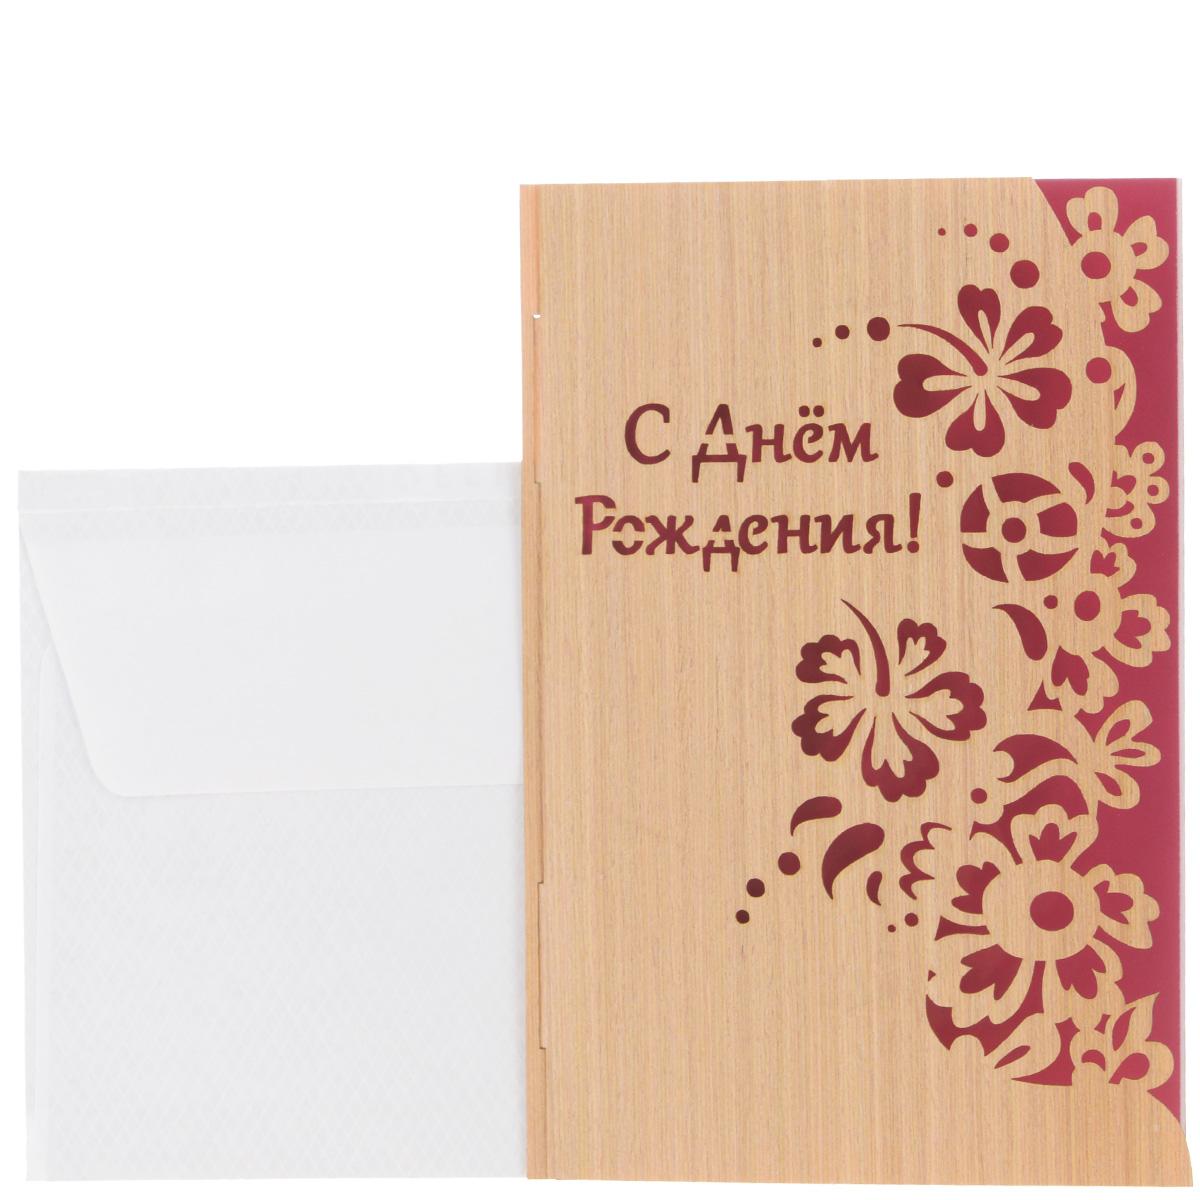 Открытка Караван-СТ С Днем Рождения!, с конвертом. ОМ01ОМ01